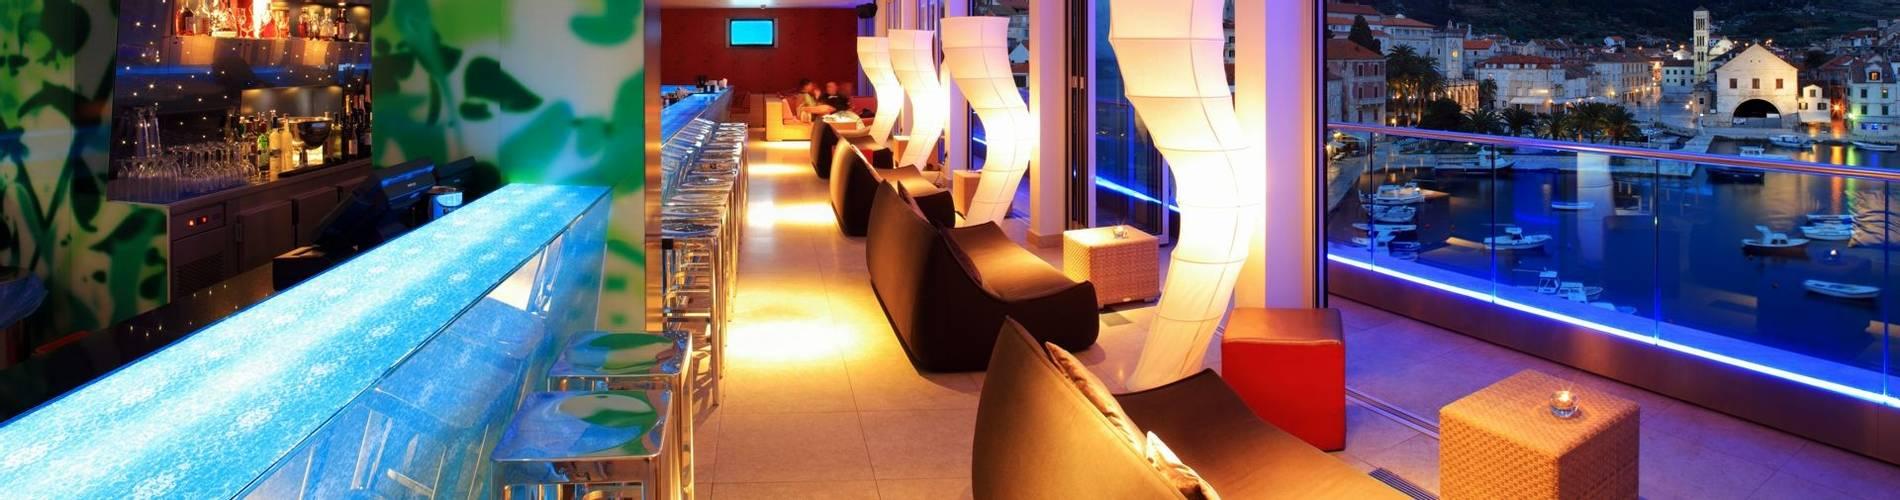 Adriana Hvar  Spa Hotel 11.jpg